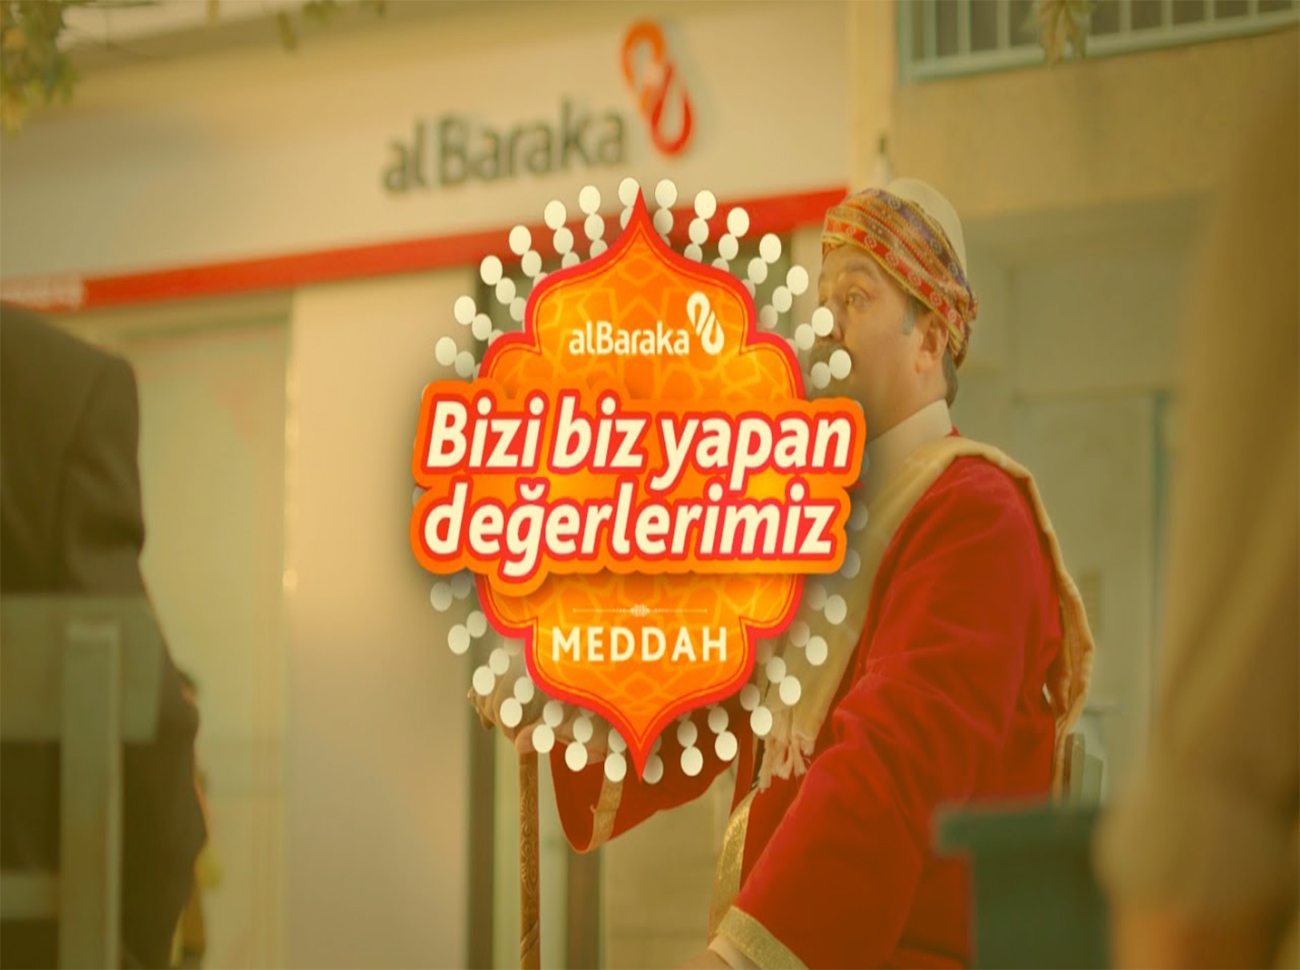 Etkili Bir Influencer Kampanyası; Albaraka Türk Örneği